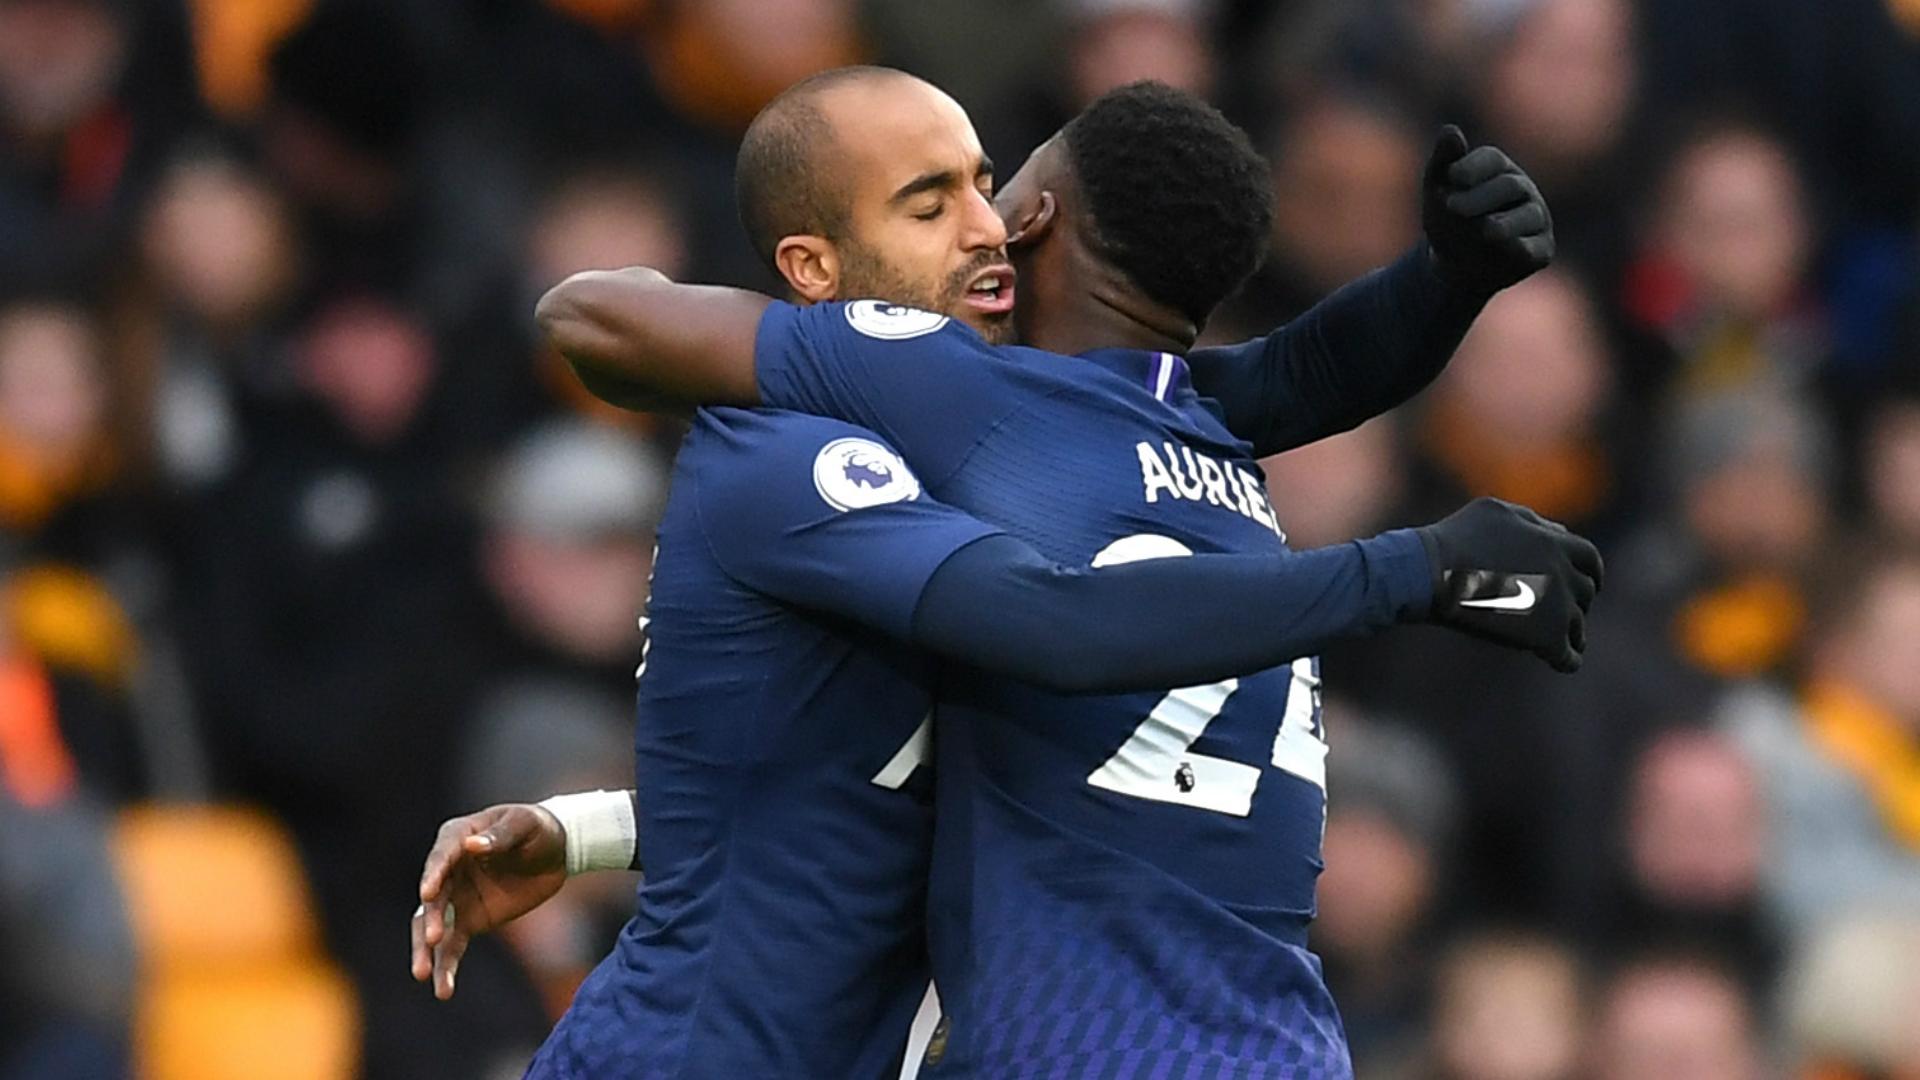 Wolves 1-2 Tottenham: Late Vertonghen header sees Mourinho's men march on